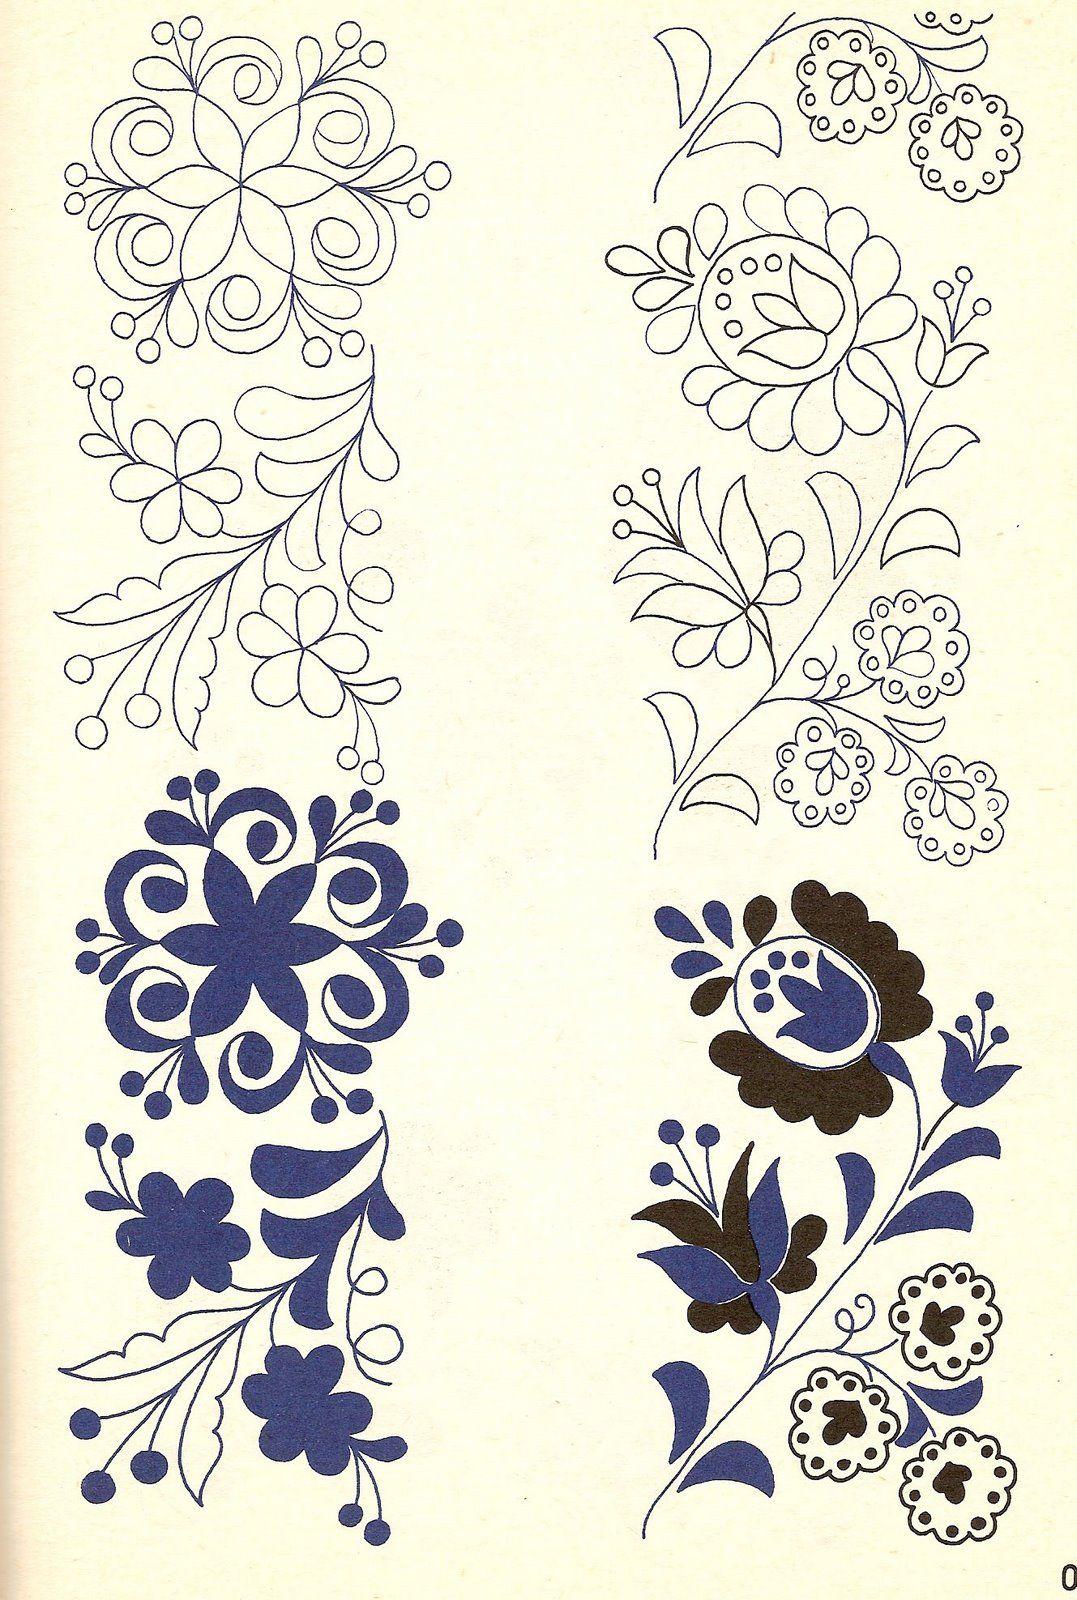 DIBUJOS | bordados | Bordado, Bordado húngaro y Patrones de bordado